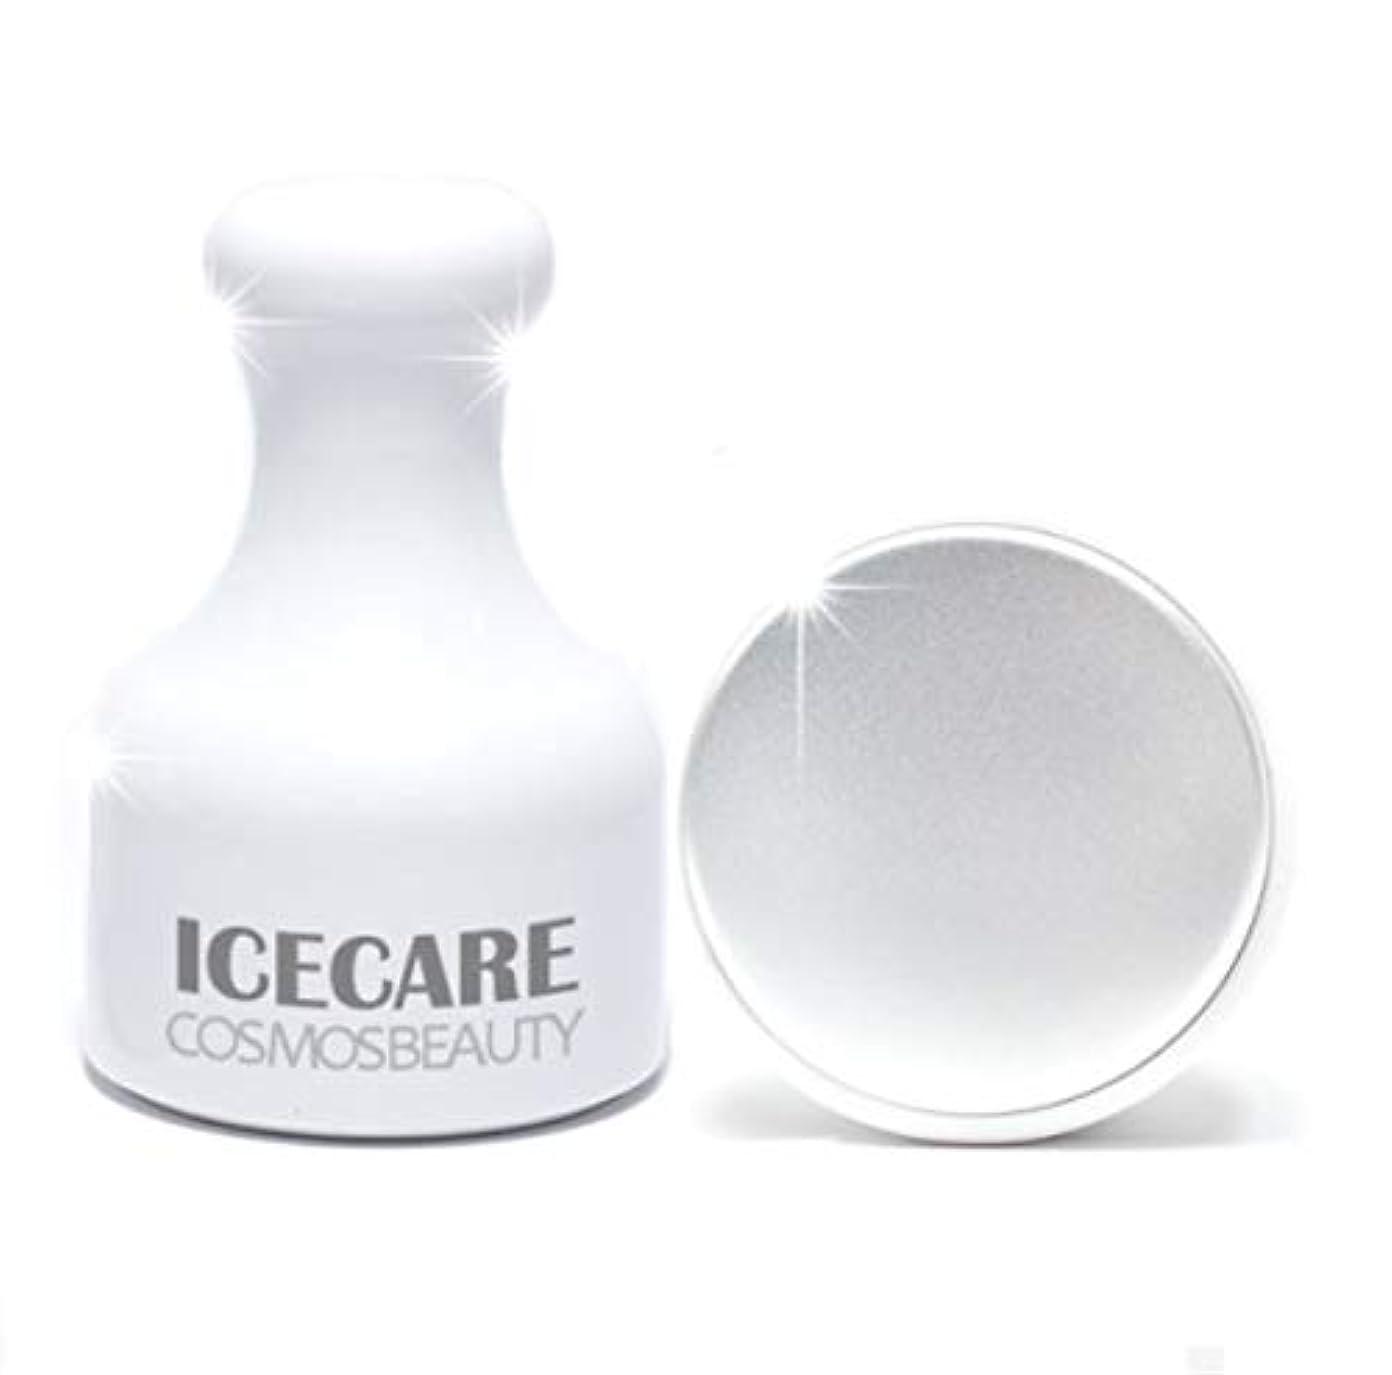 モックスピーカー九時四十五分Cosmosbeauty Ice Care 毛穴ケア、冷マッサージ,フェイスクーラーアイスローラーフェイスローラー顔マッサージ機構の腫れ抜き方法毛穴縮小(海外直送品)